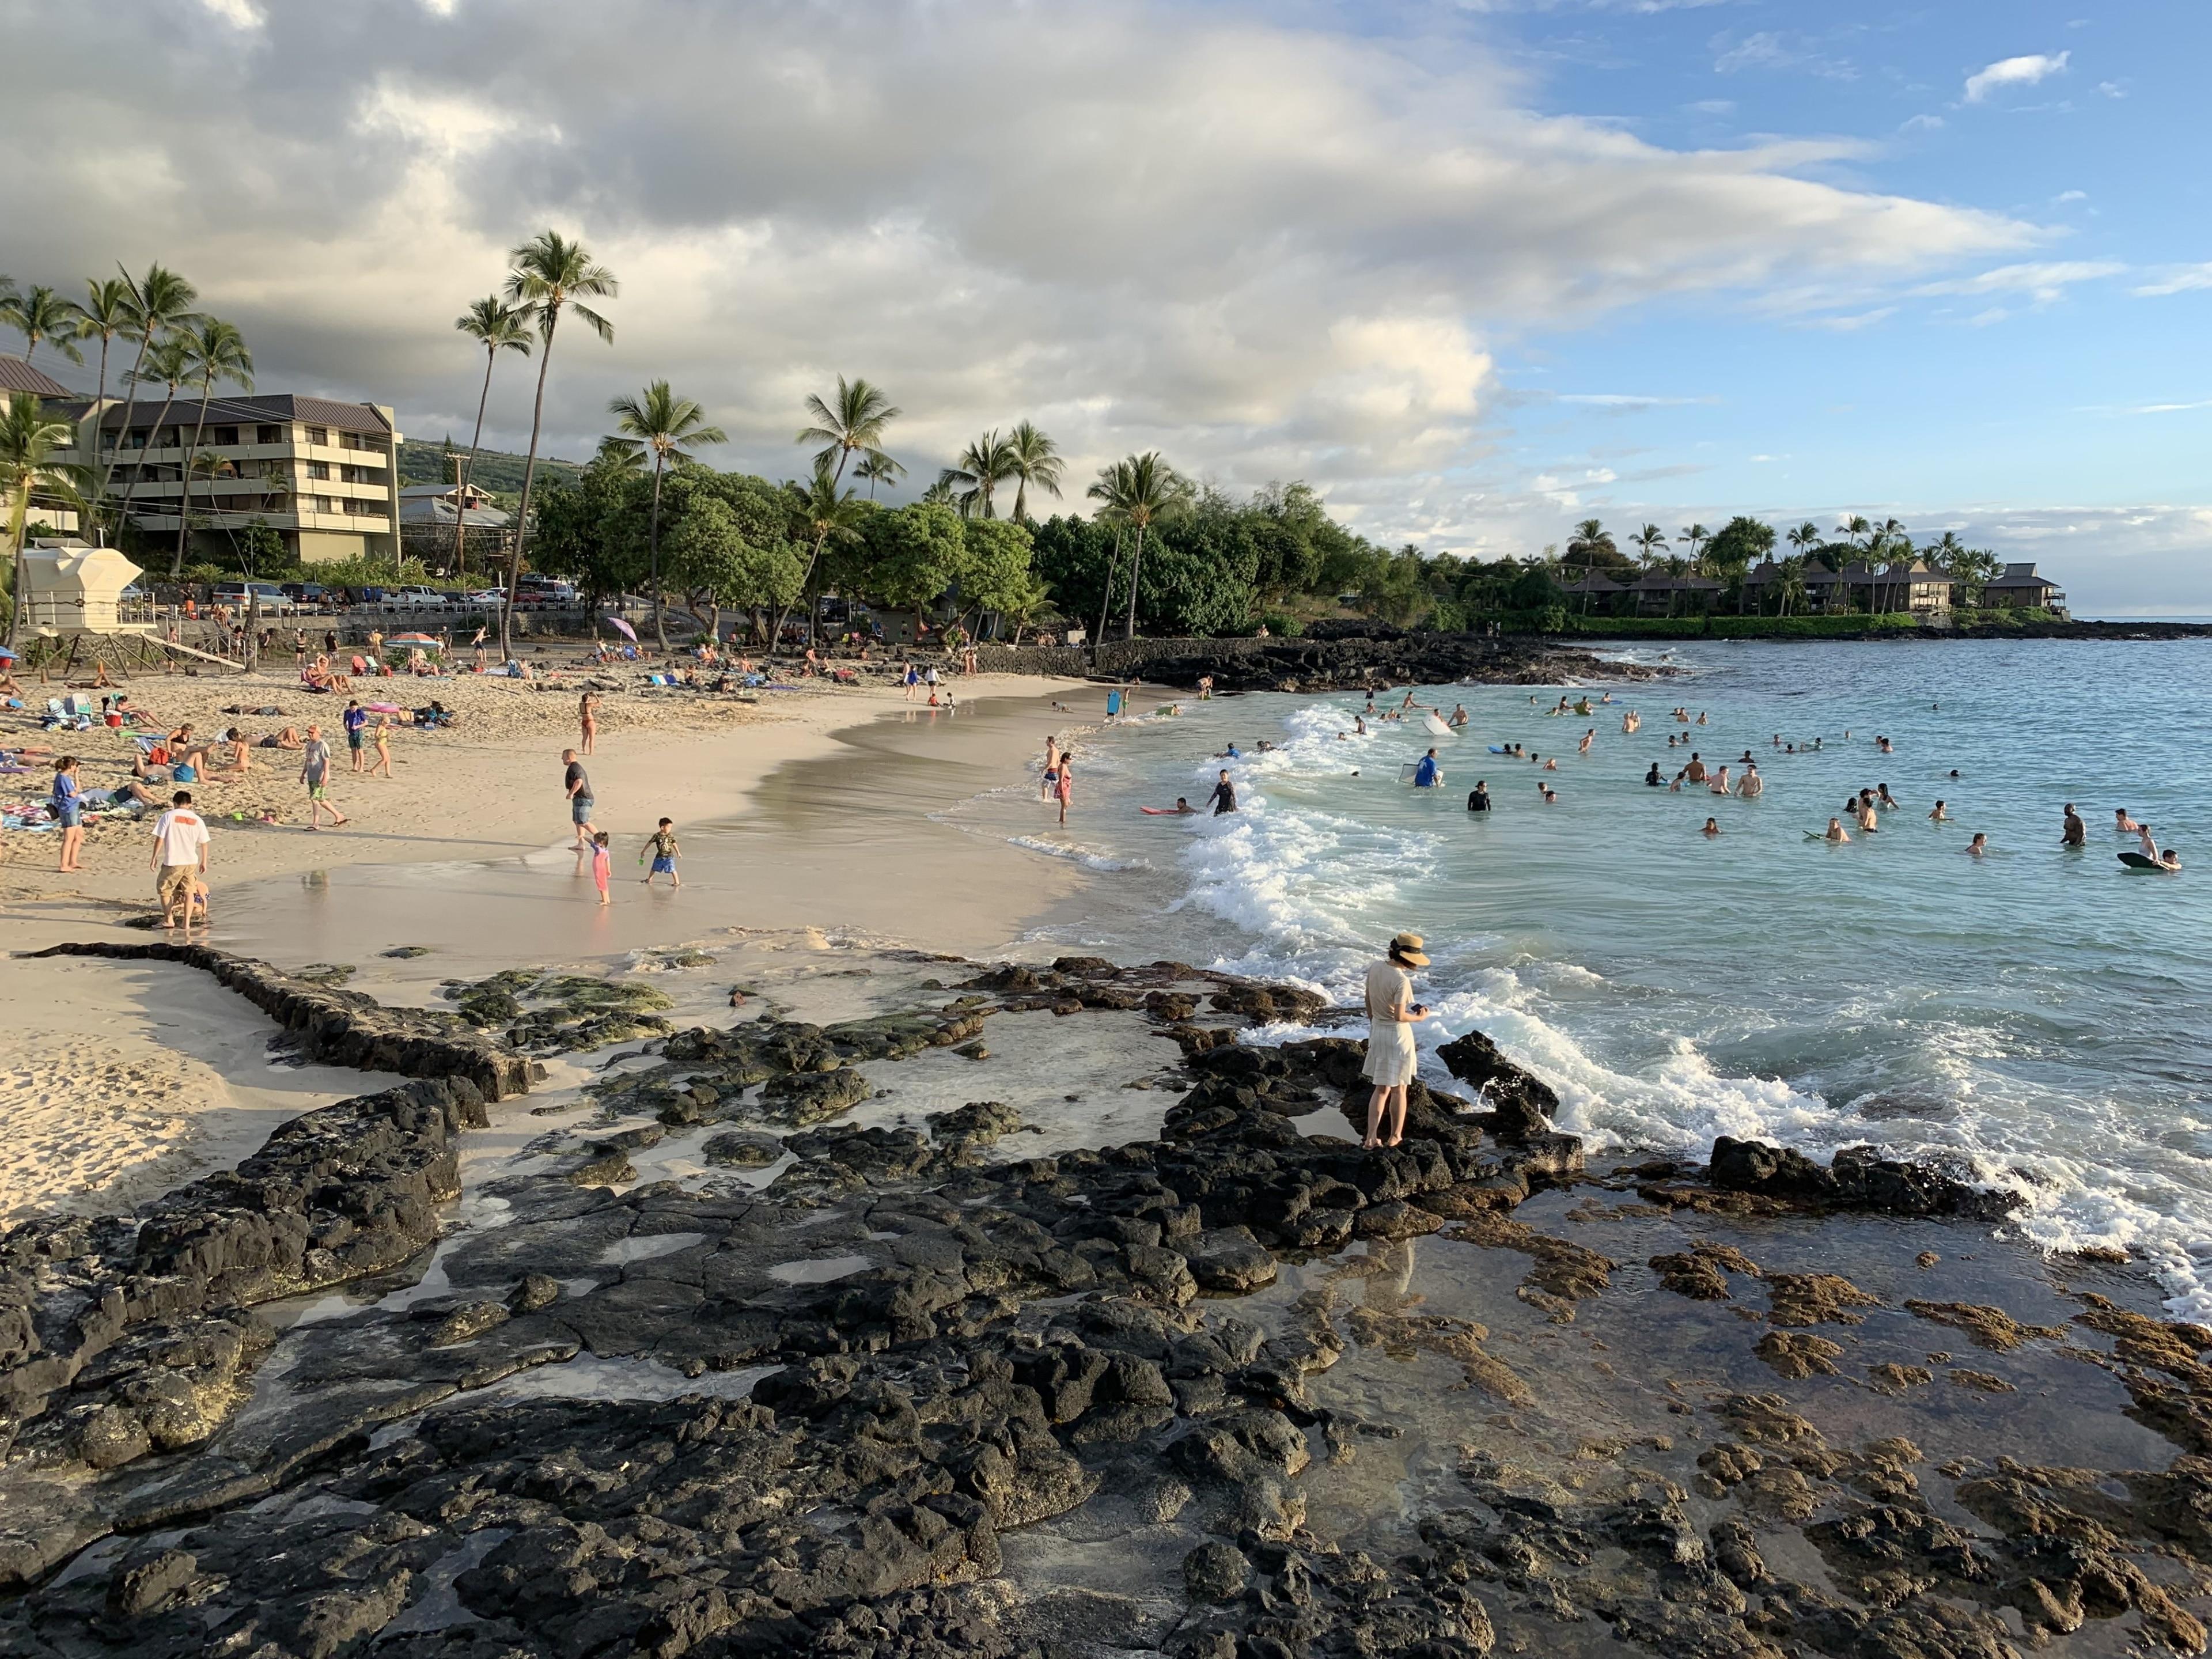 Kona Magic Sands, Kahaluu-Keauhou, Hawaii, United States of America